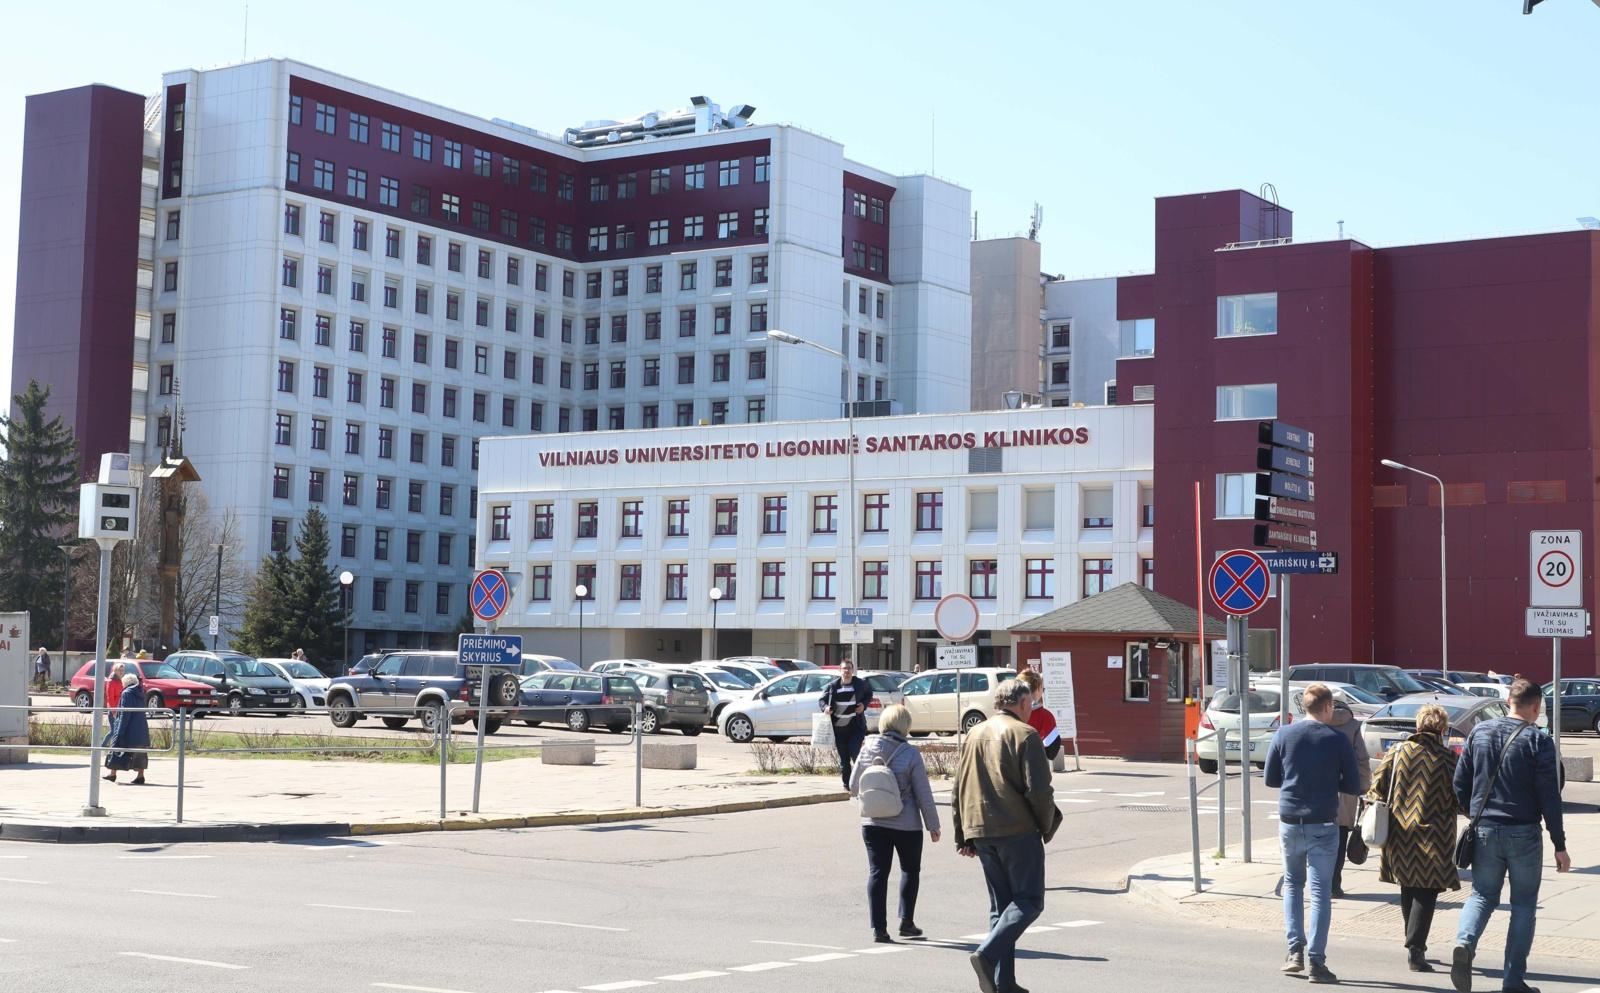 Santaros klinikose miręs senyvo amžiaus vyras – Ukmergės ligoninės pacientas